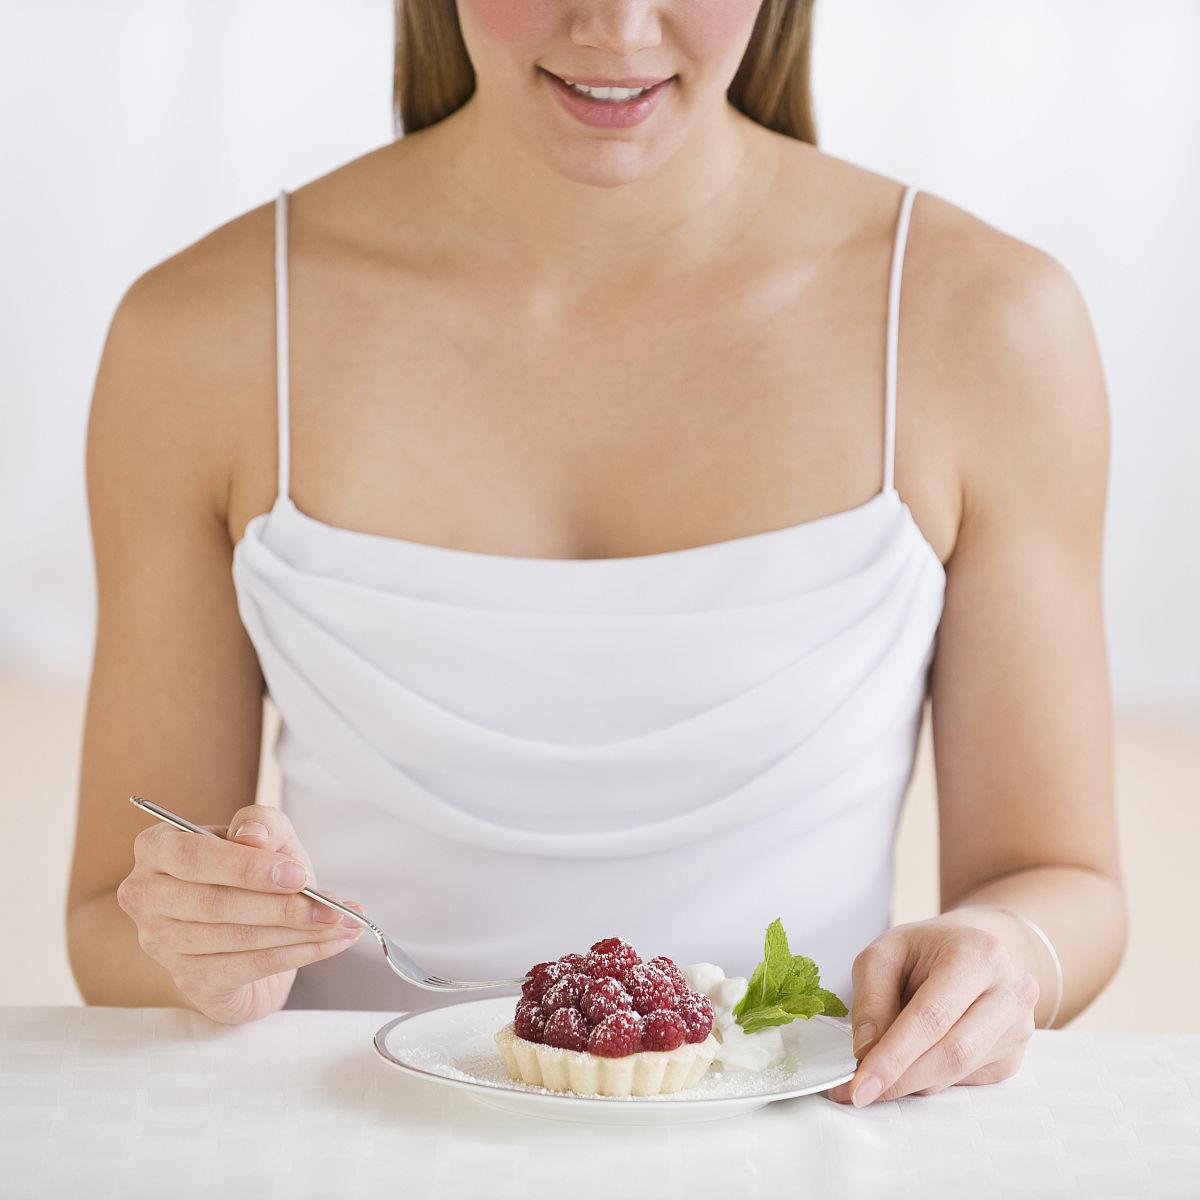 女人吃的沙漠